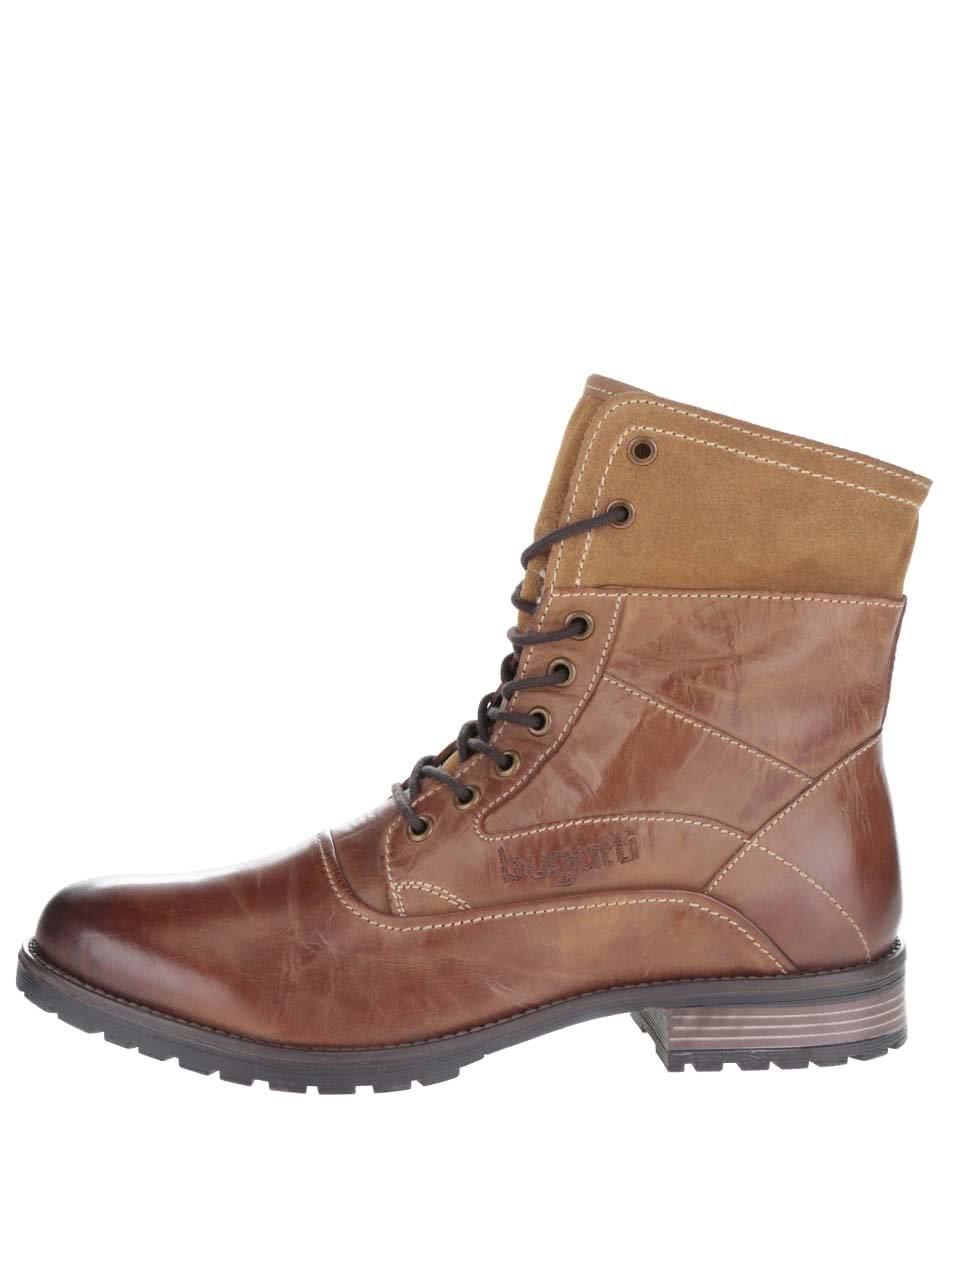 Hnedé pánske kožené členkové topánky s okrúhlym lemom bugatti Freetime ... b74c53c0b8